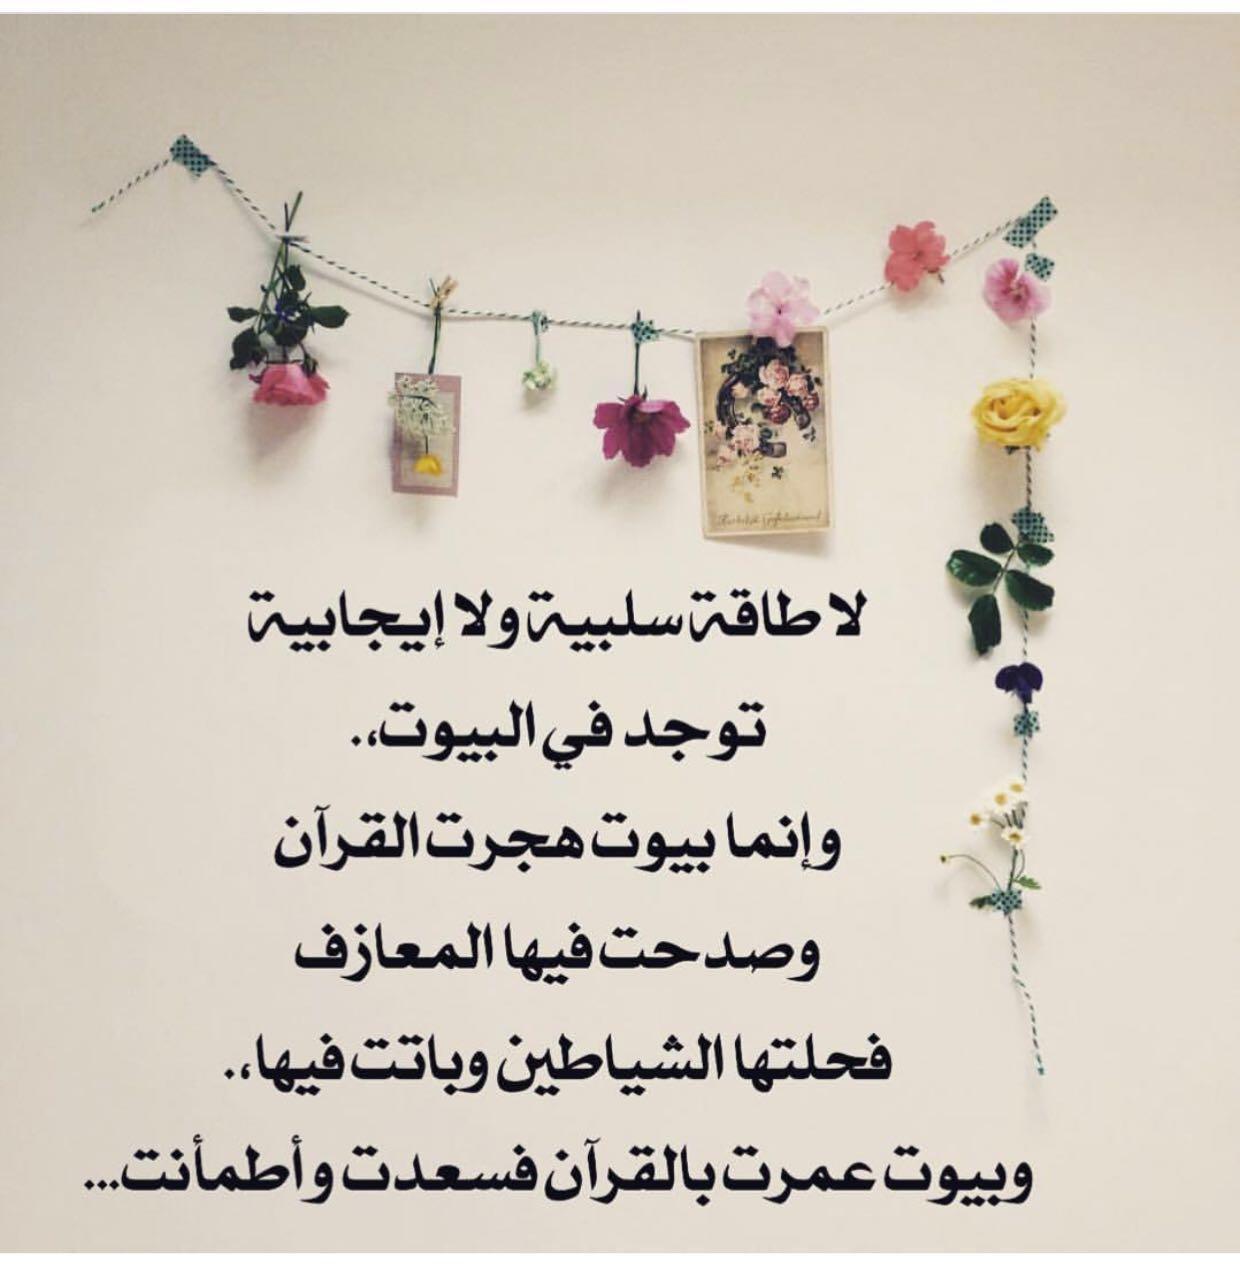 بالصور قصائد مدح قويه , فصاحة لغوية شديدة فى القصيدة المدحية 1391 10